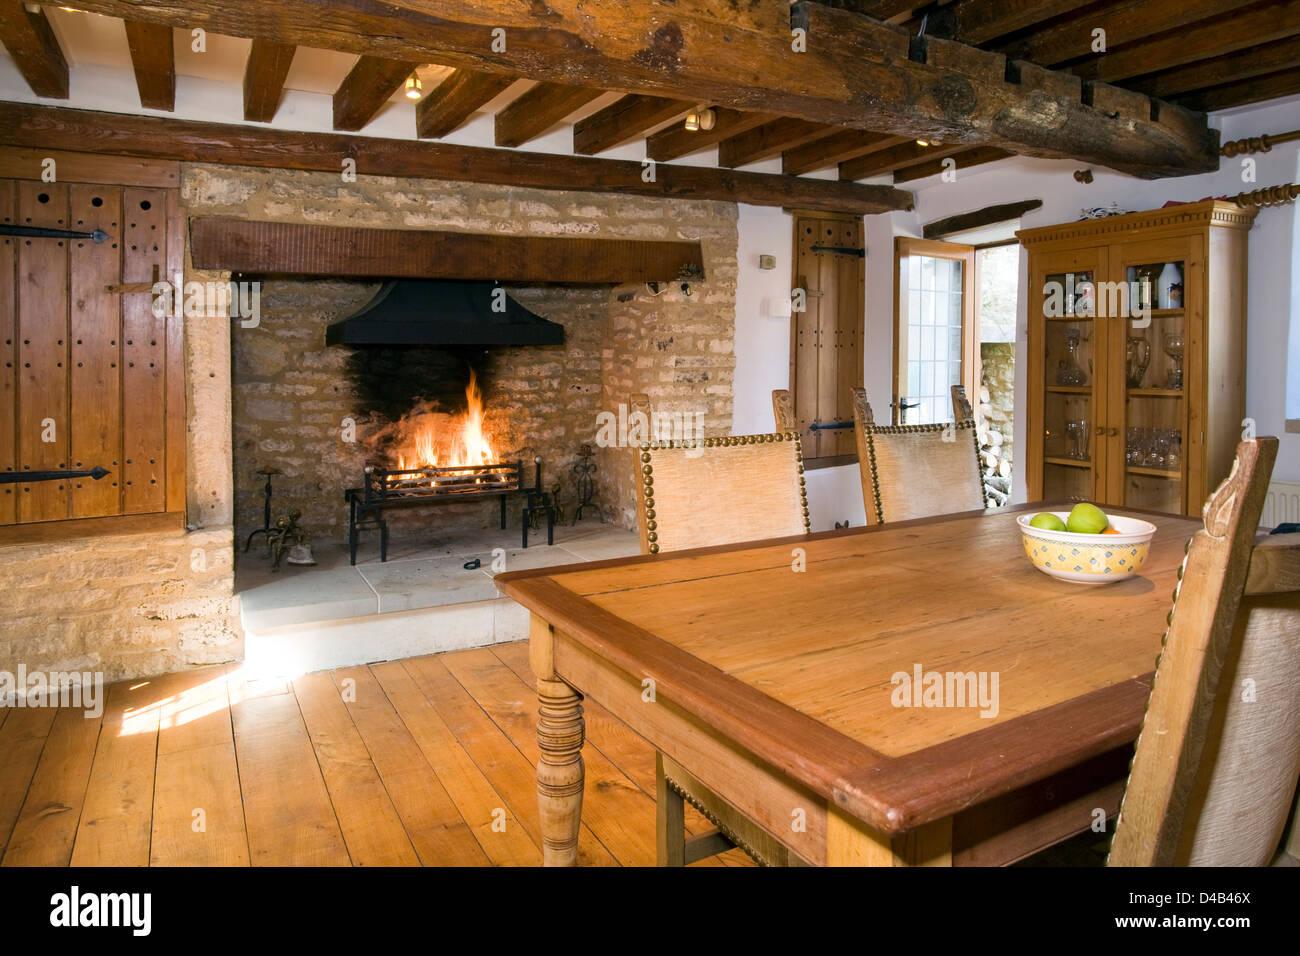 Un cottage de style Arts and Crafts salle à manger avec une grande cheminée. Photo Stock